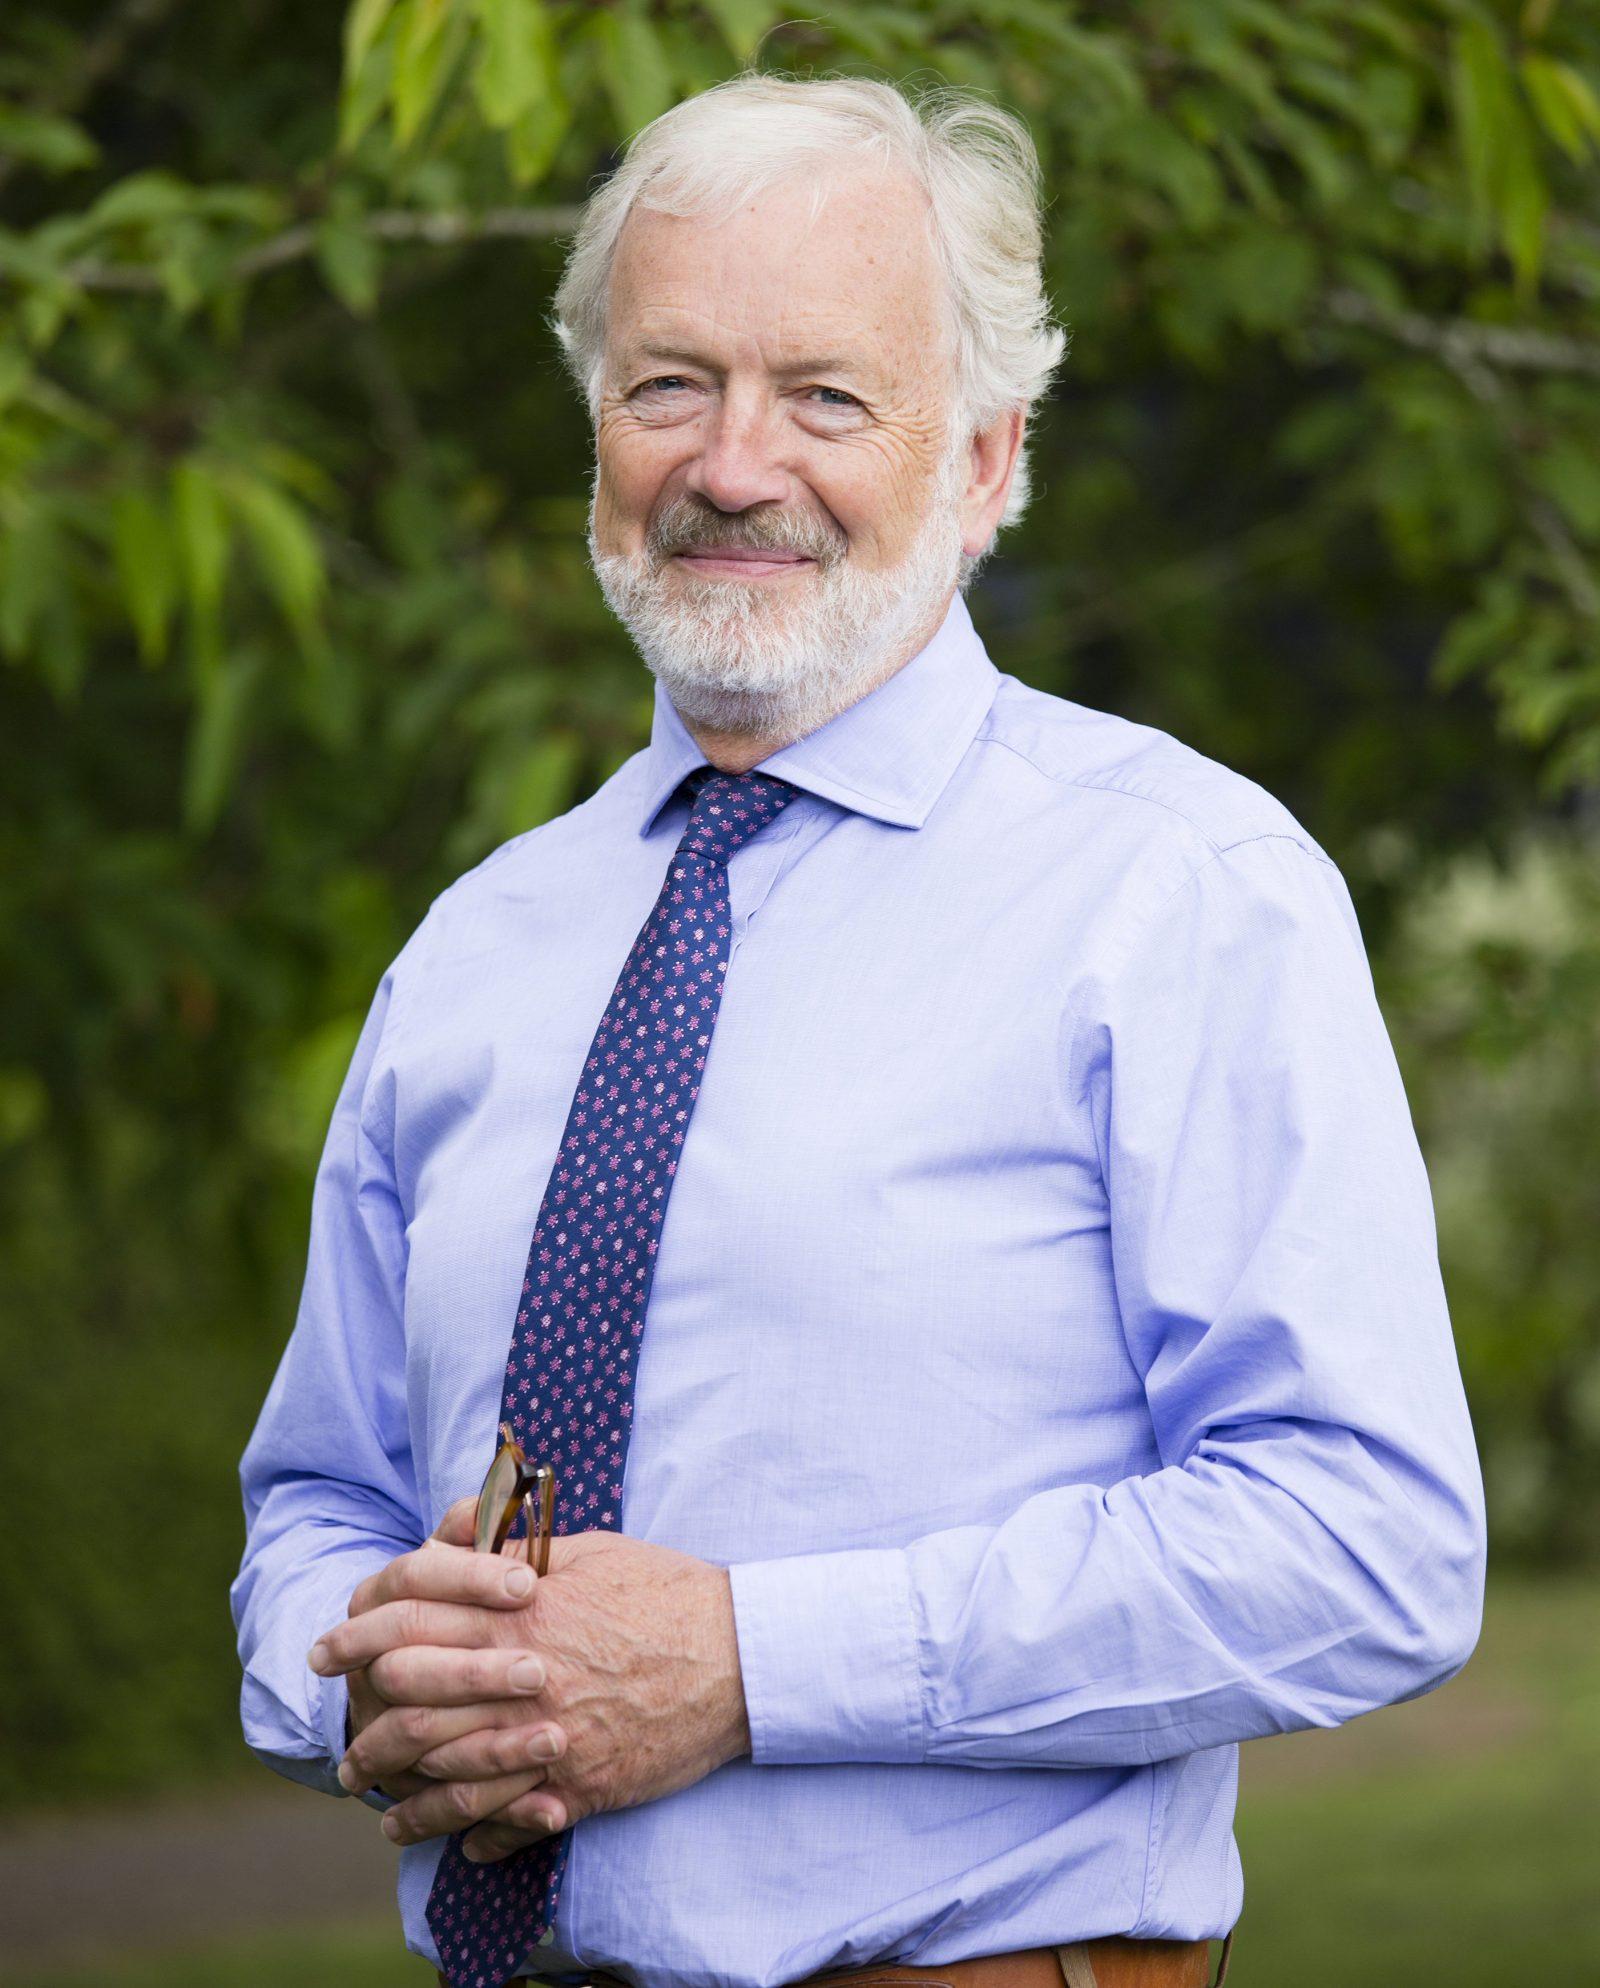 Simon Faiers